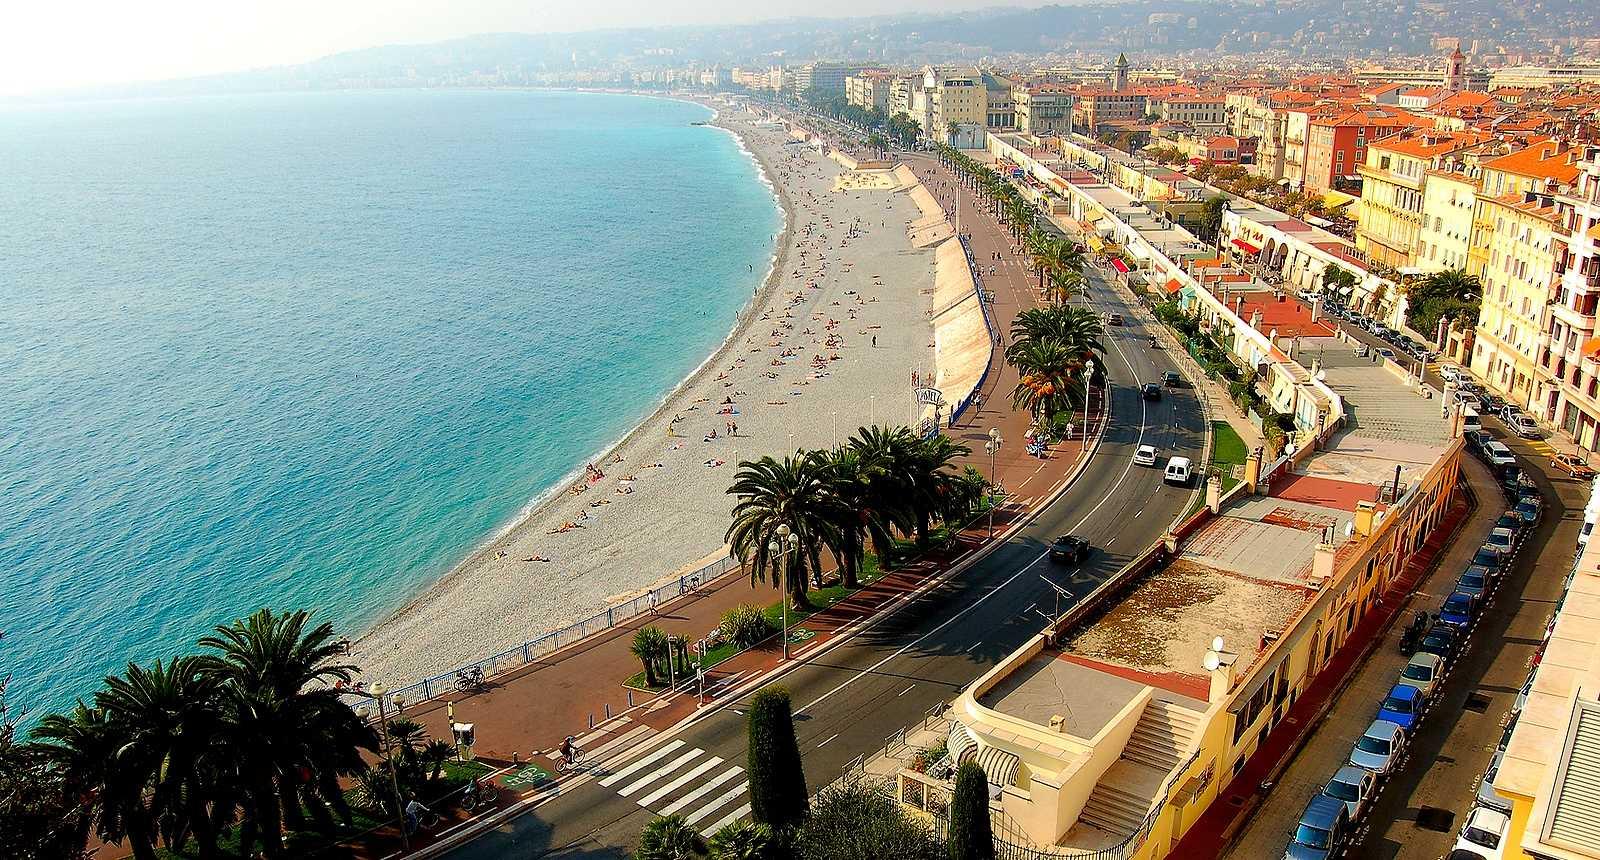 D couvrir la ville de nice durant les vacances le for Piscine nice